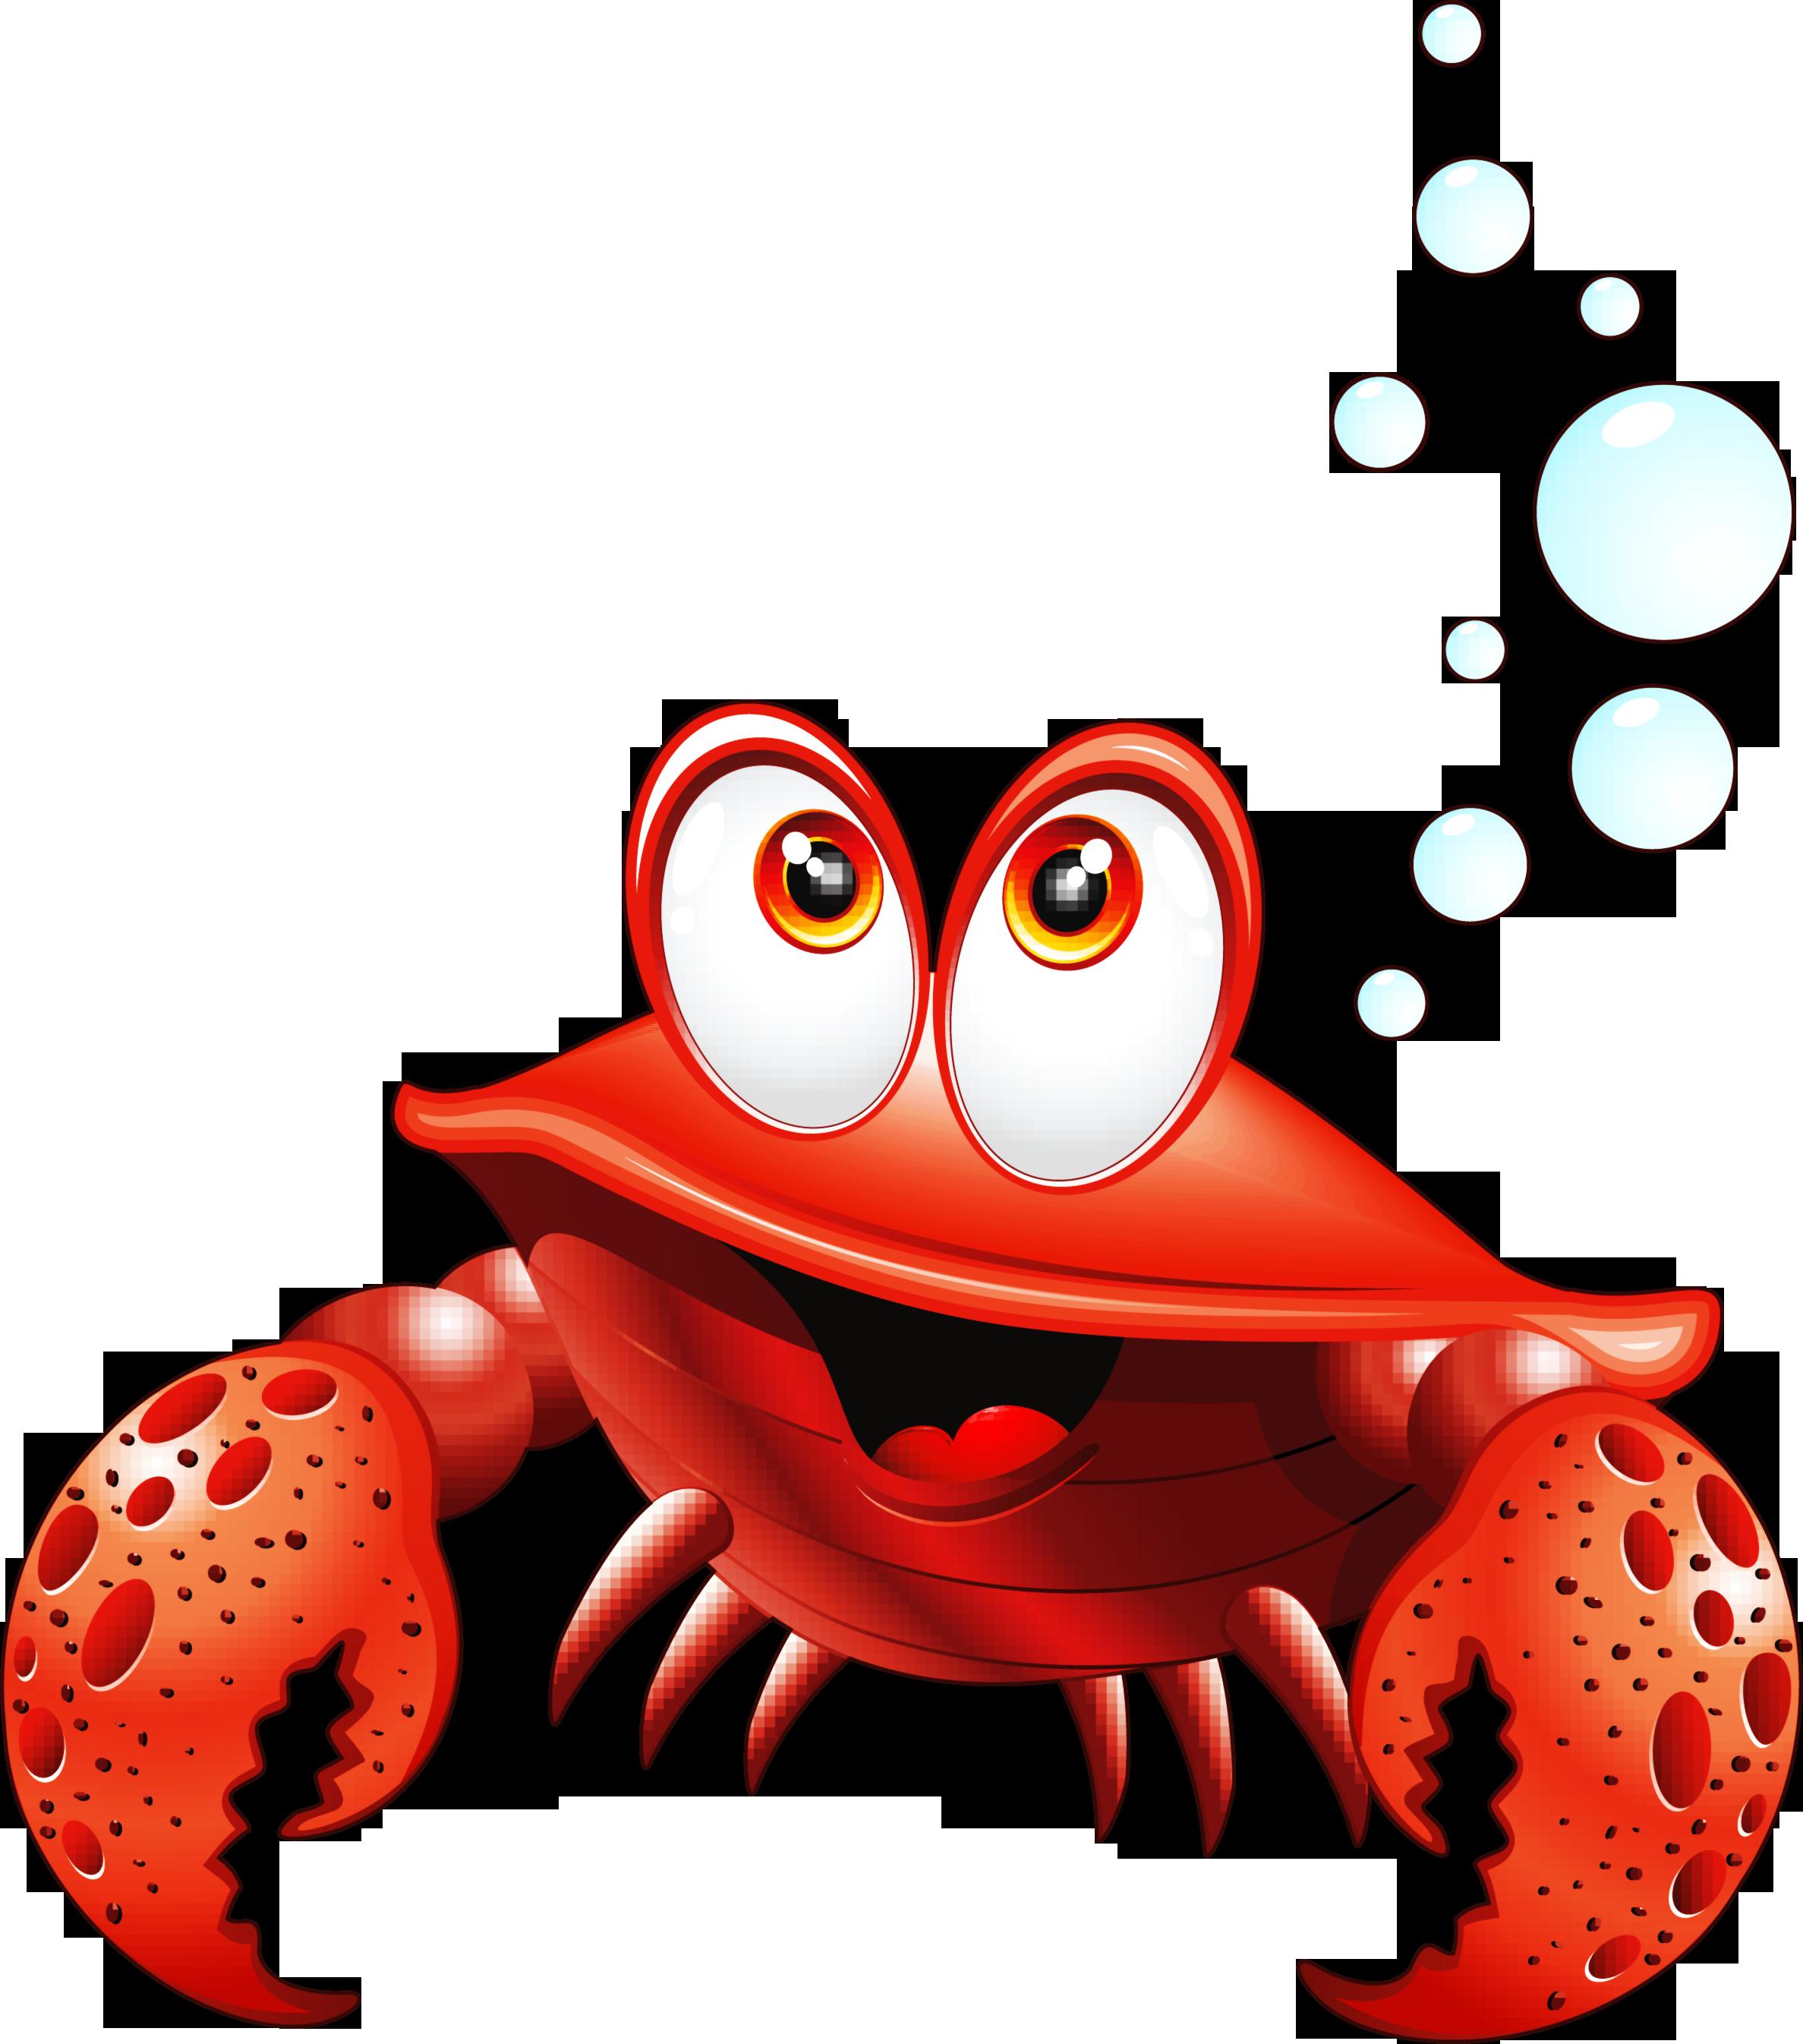 e a da. Crab clipart red thing